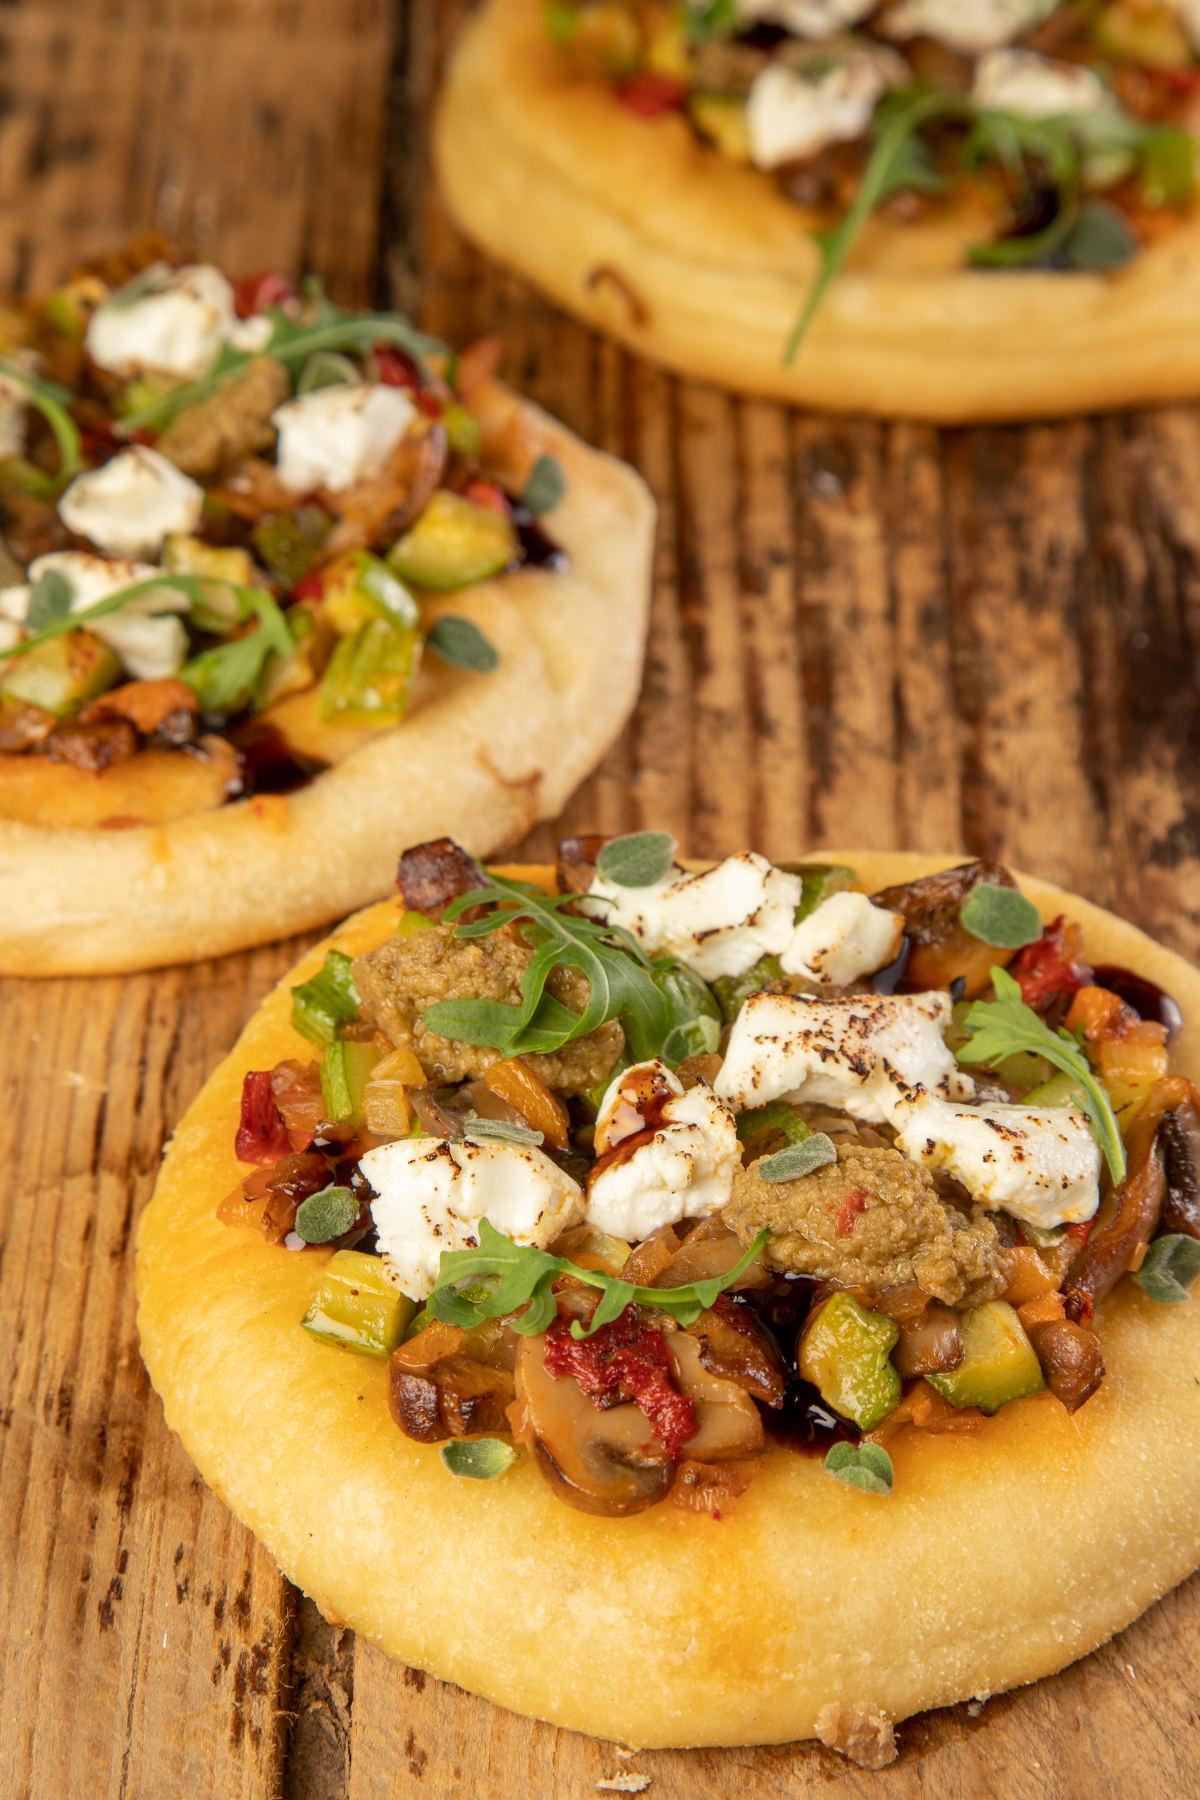 Πίτα-Πίτσα με λαχανικά, πάστα πράσινης ελιάς & κατσικίσιο τυρί 3